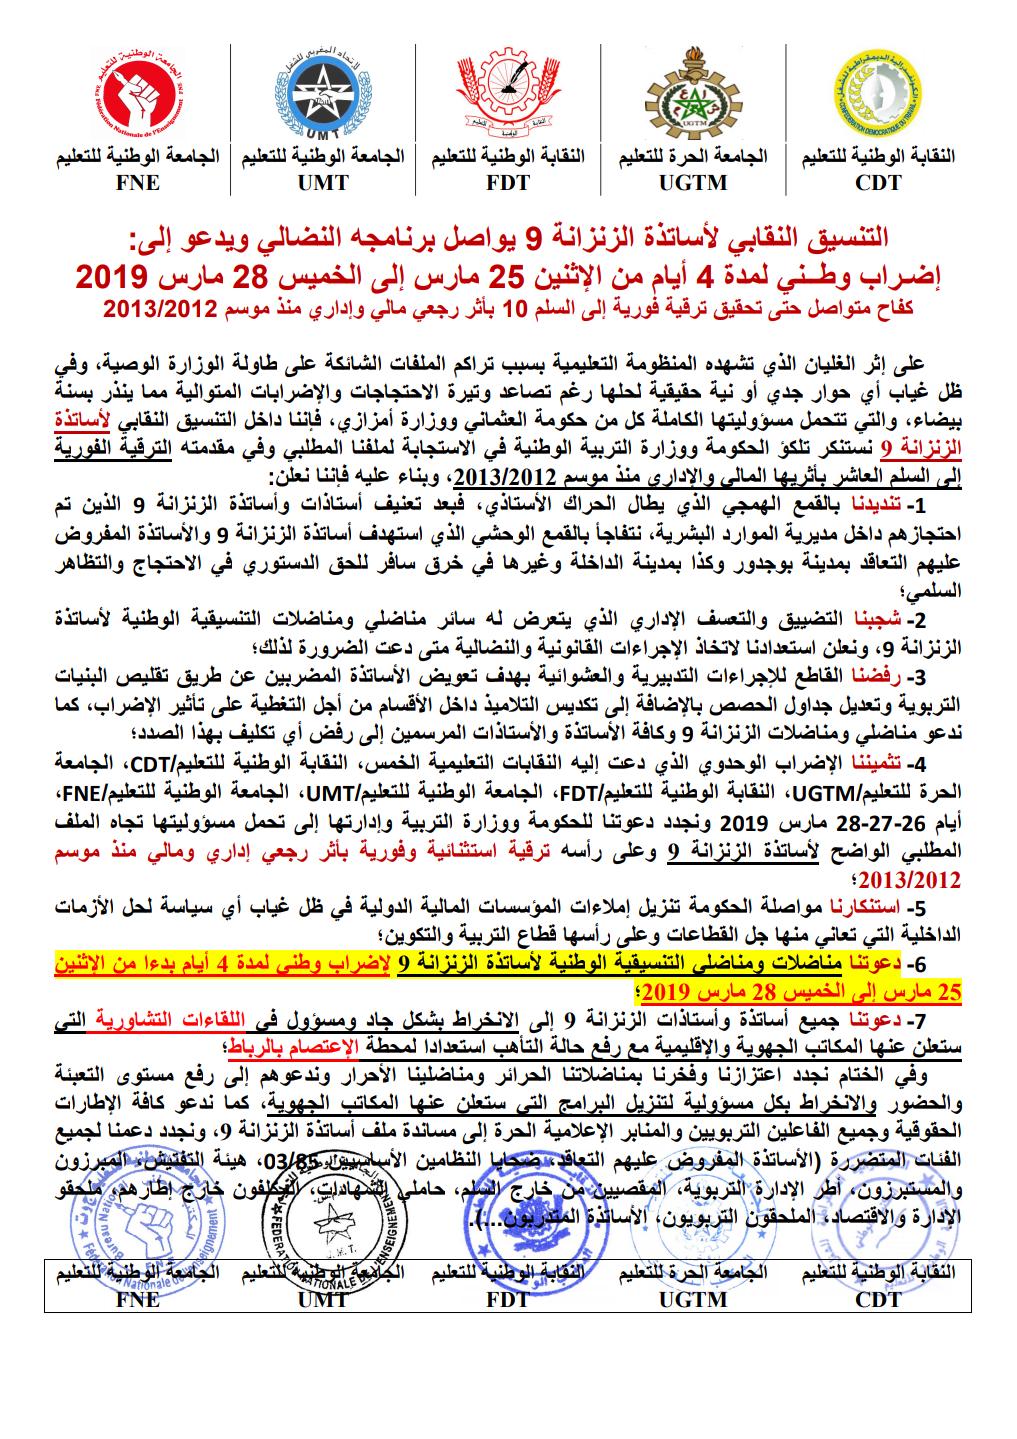 أساتذة الزنزانة 9 إضـراب من 25 إلى 28 مارس 2019 لتحقيق ترقية